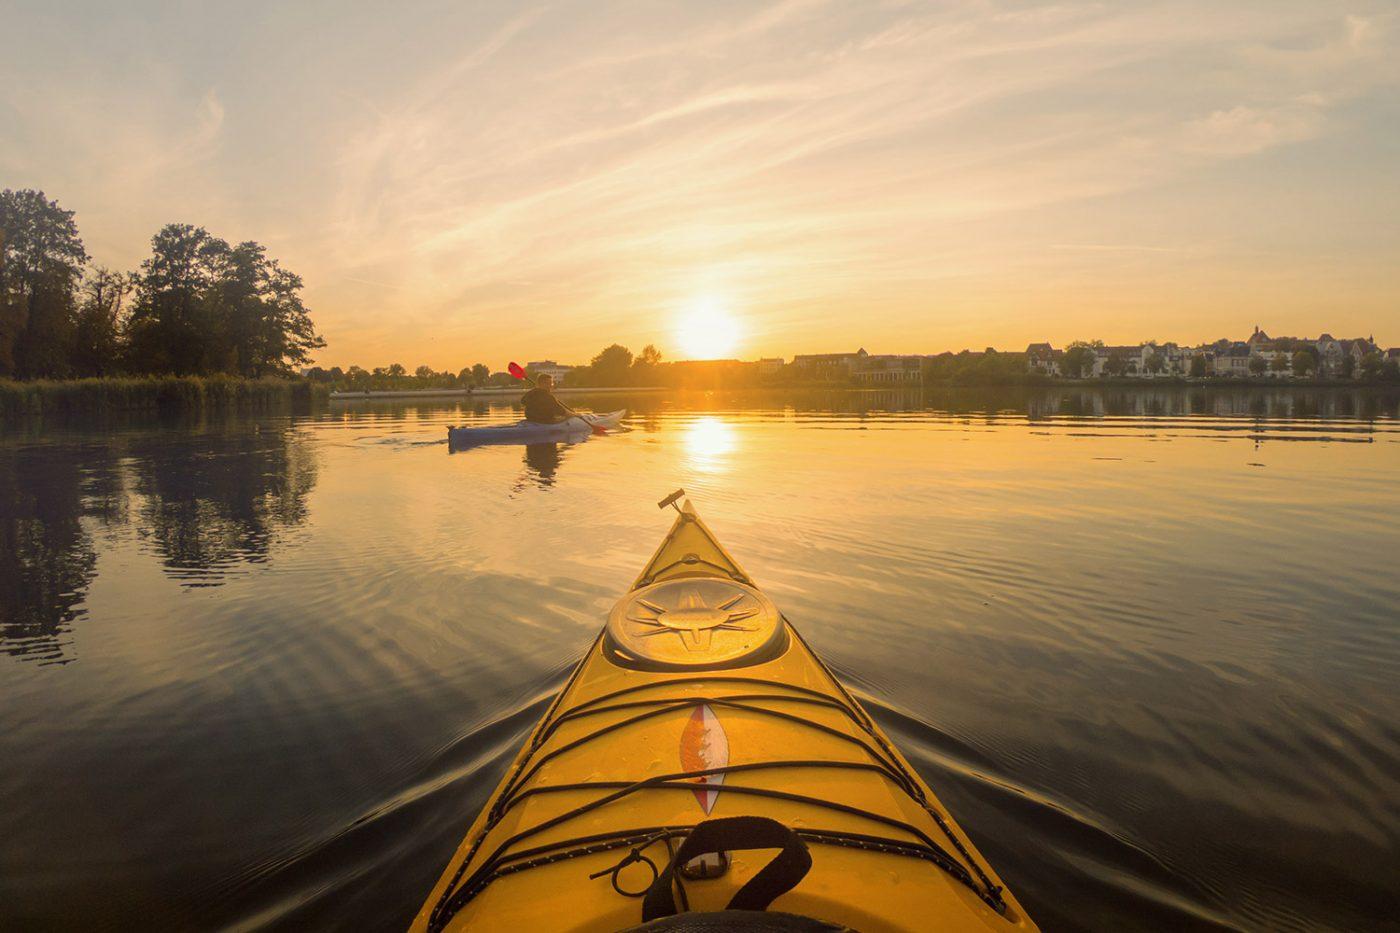 Ein Kajak bei Sonnenuntergang und ein Paddler im Hintergrund.